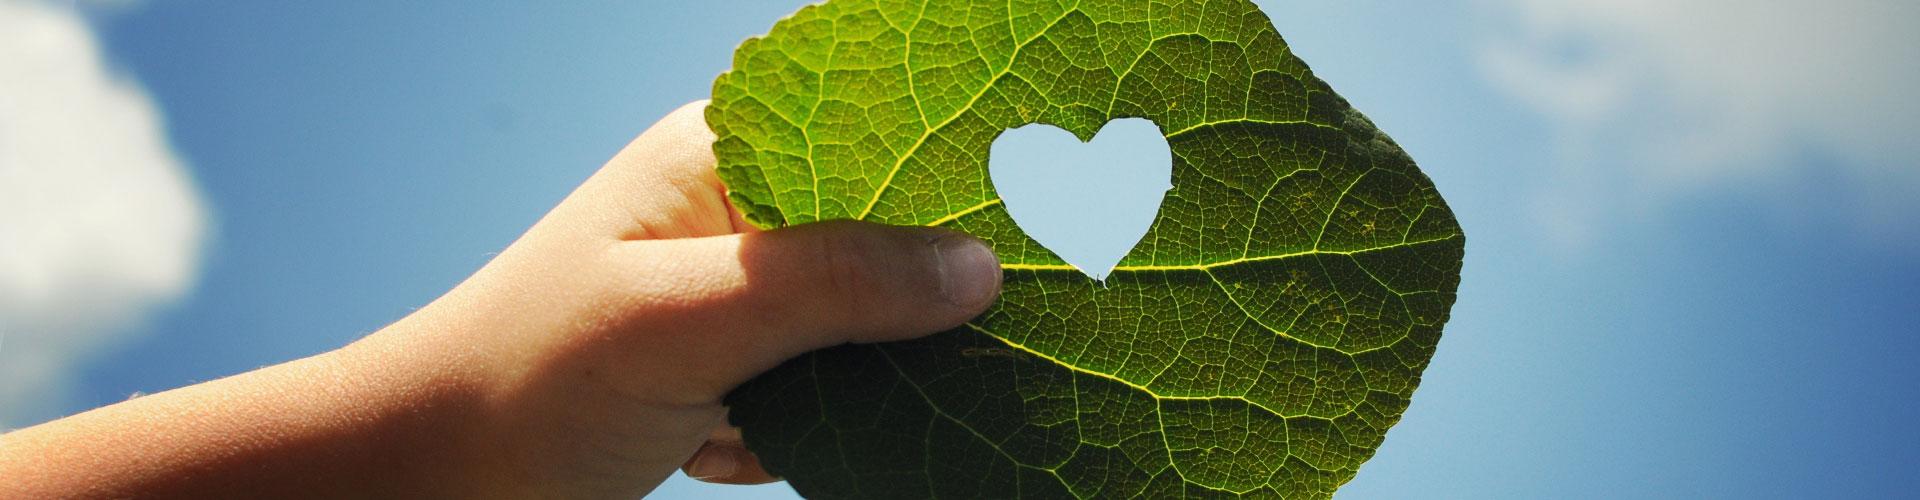 Nachhaltigkeit wird bei Zentratex groß geschrieben. Nur so können wir Natur und Umwelt schonen und schützen. Im Bild: Ein Blatt mit Herzform, gehalten von Kinderhand.